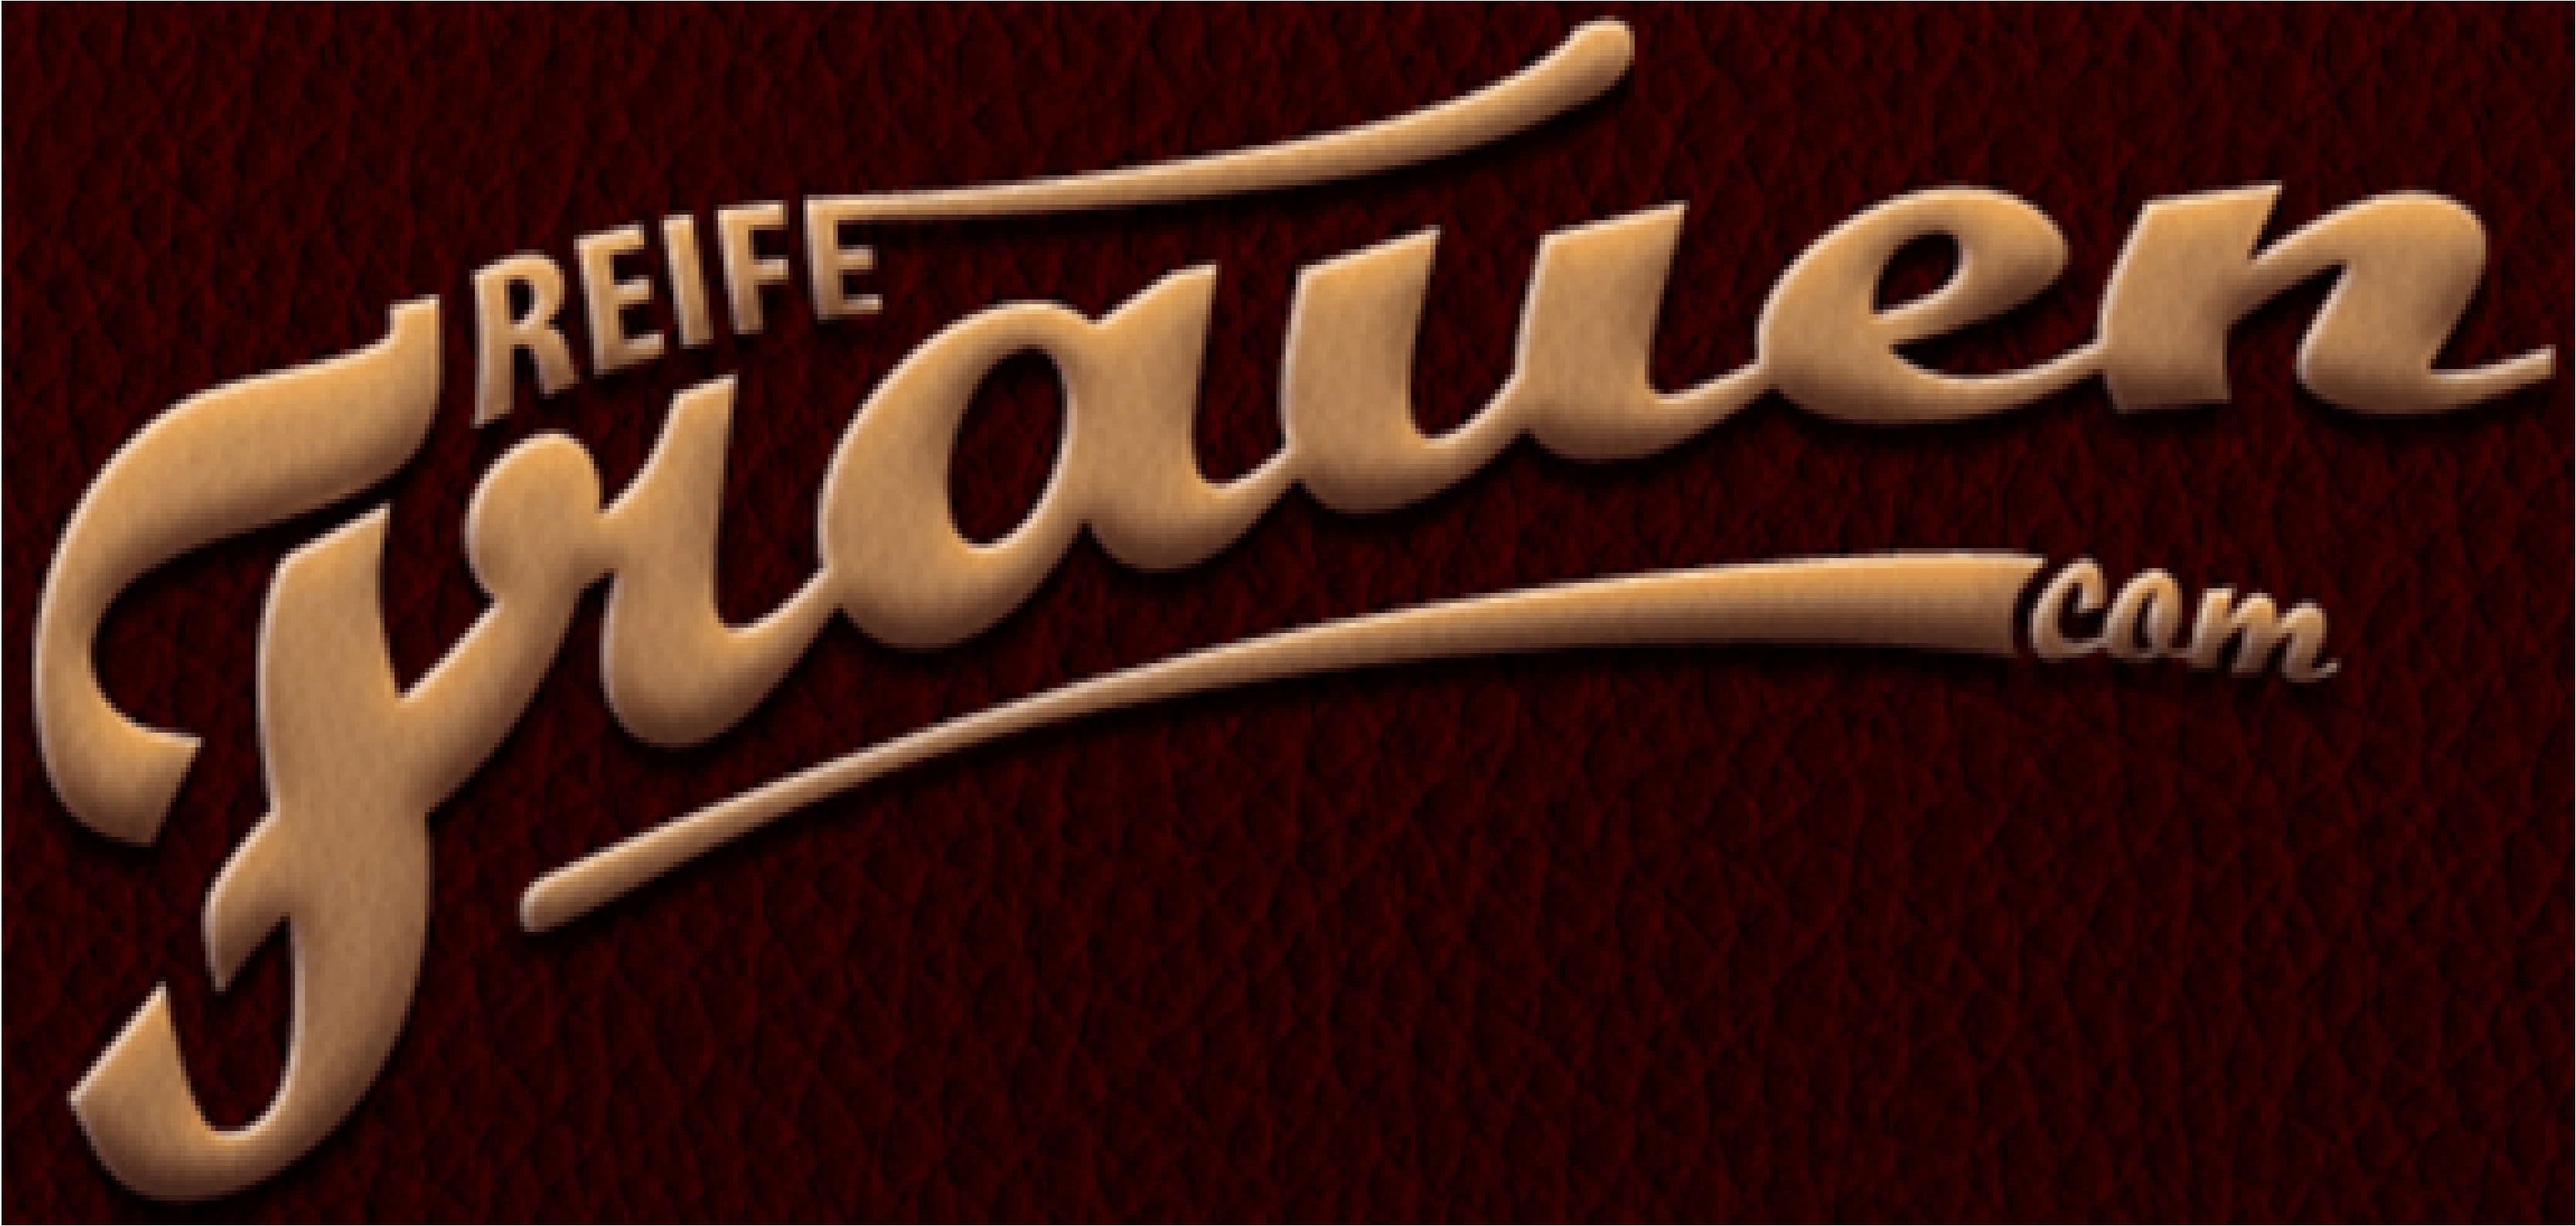 Reife Frauen Logo